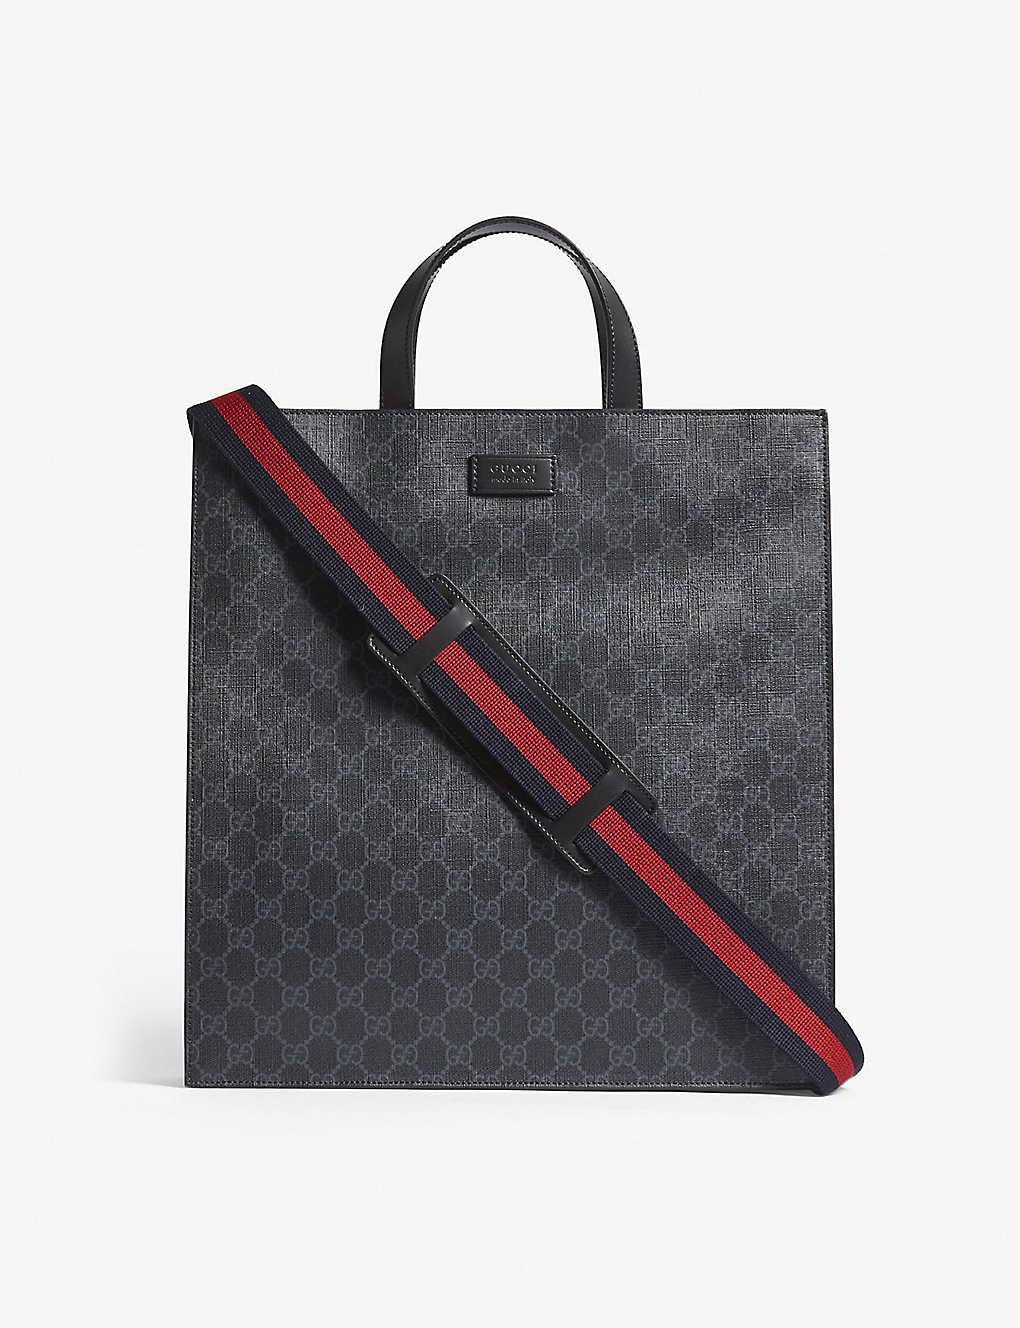 Gg Supreme Canvas Tote Bag Black